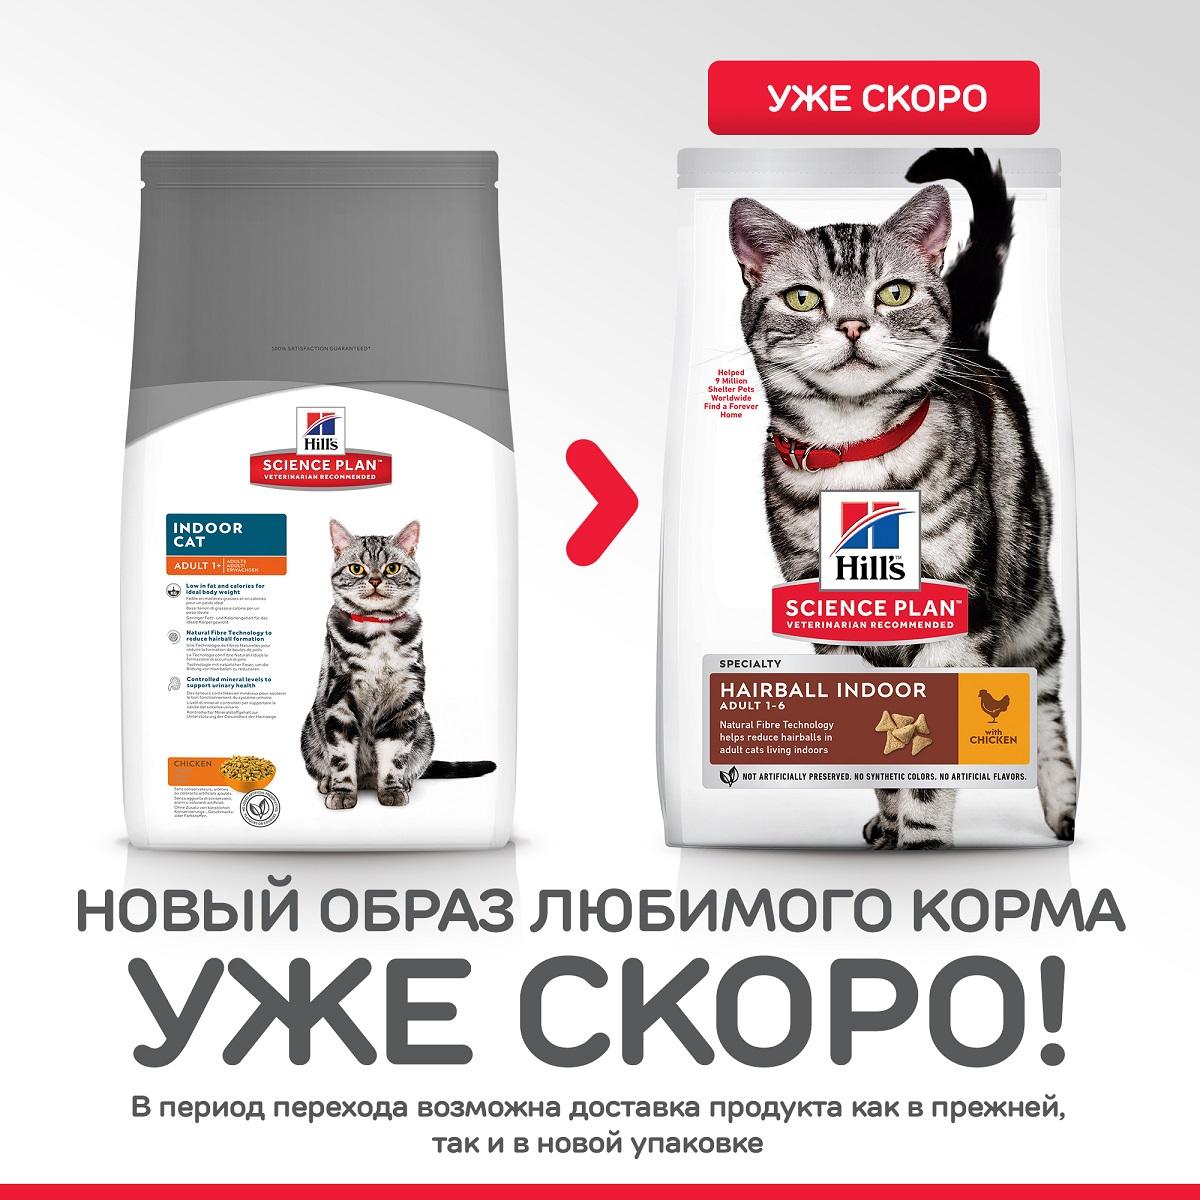 Hill's Science Plan Indoor Cat 1,5 кг 50123